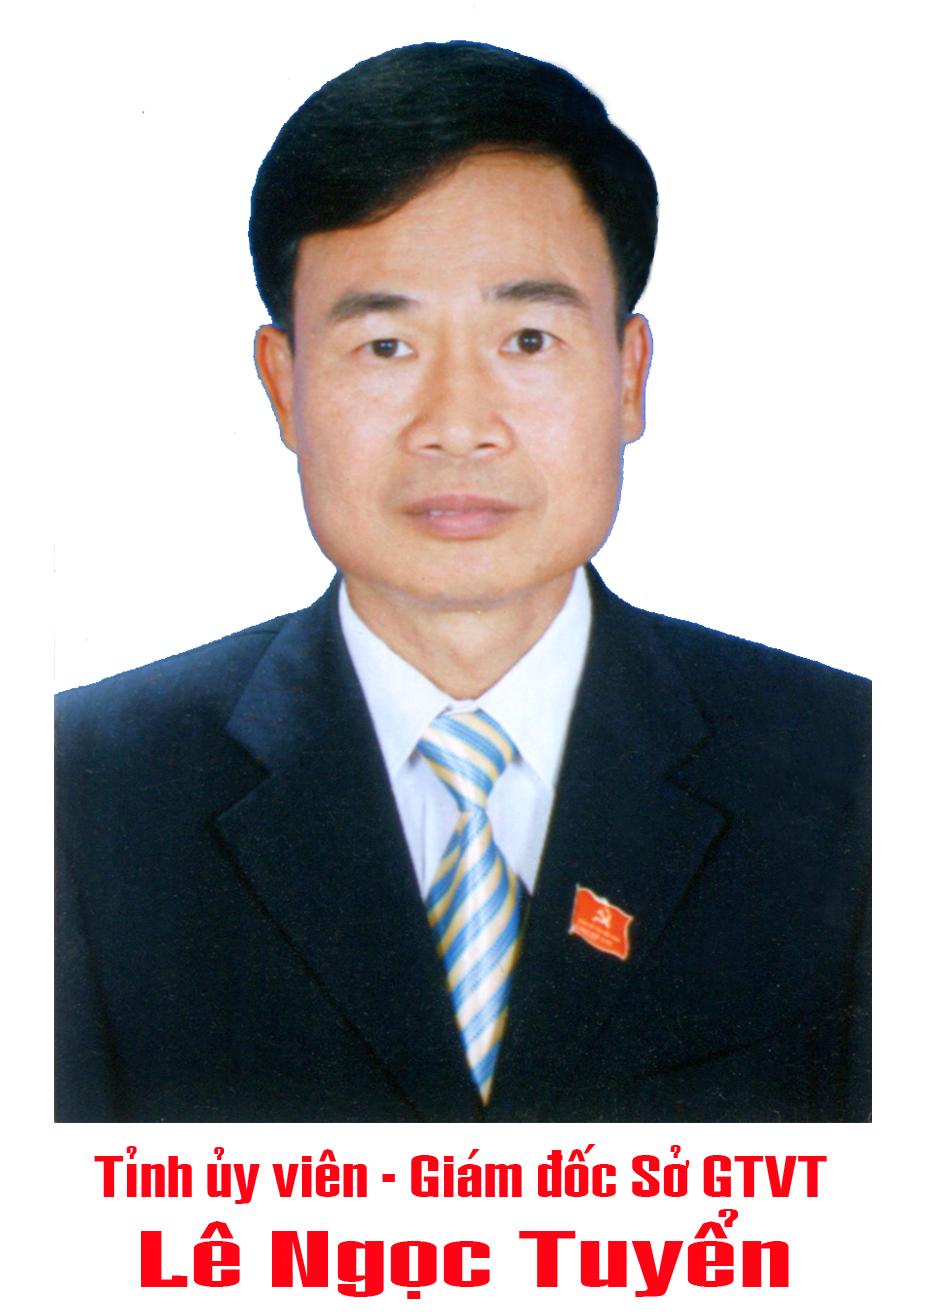 Giám đốc Sở Lê Ngọc Tuyển